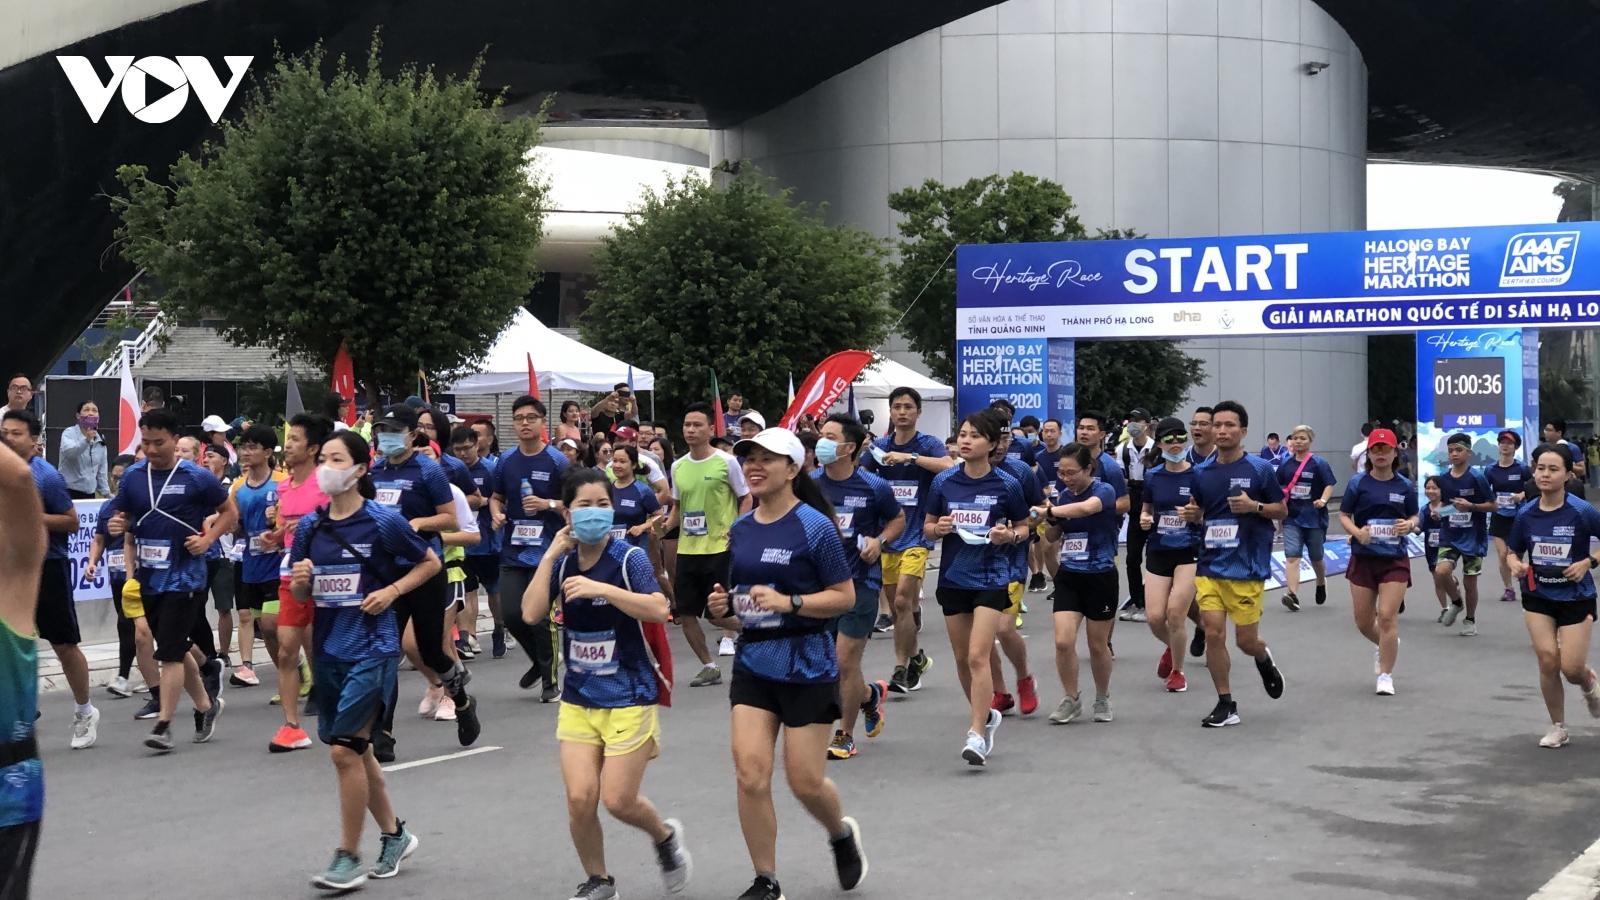 Giải marathon Quốc tế Di sản Hạ Long 2020 thành công tốt đẹp